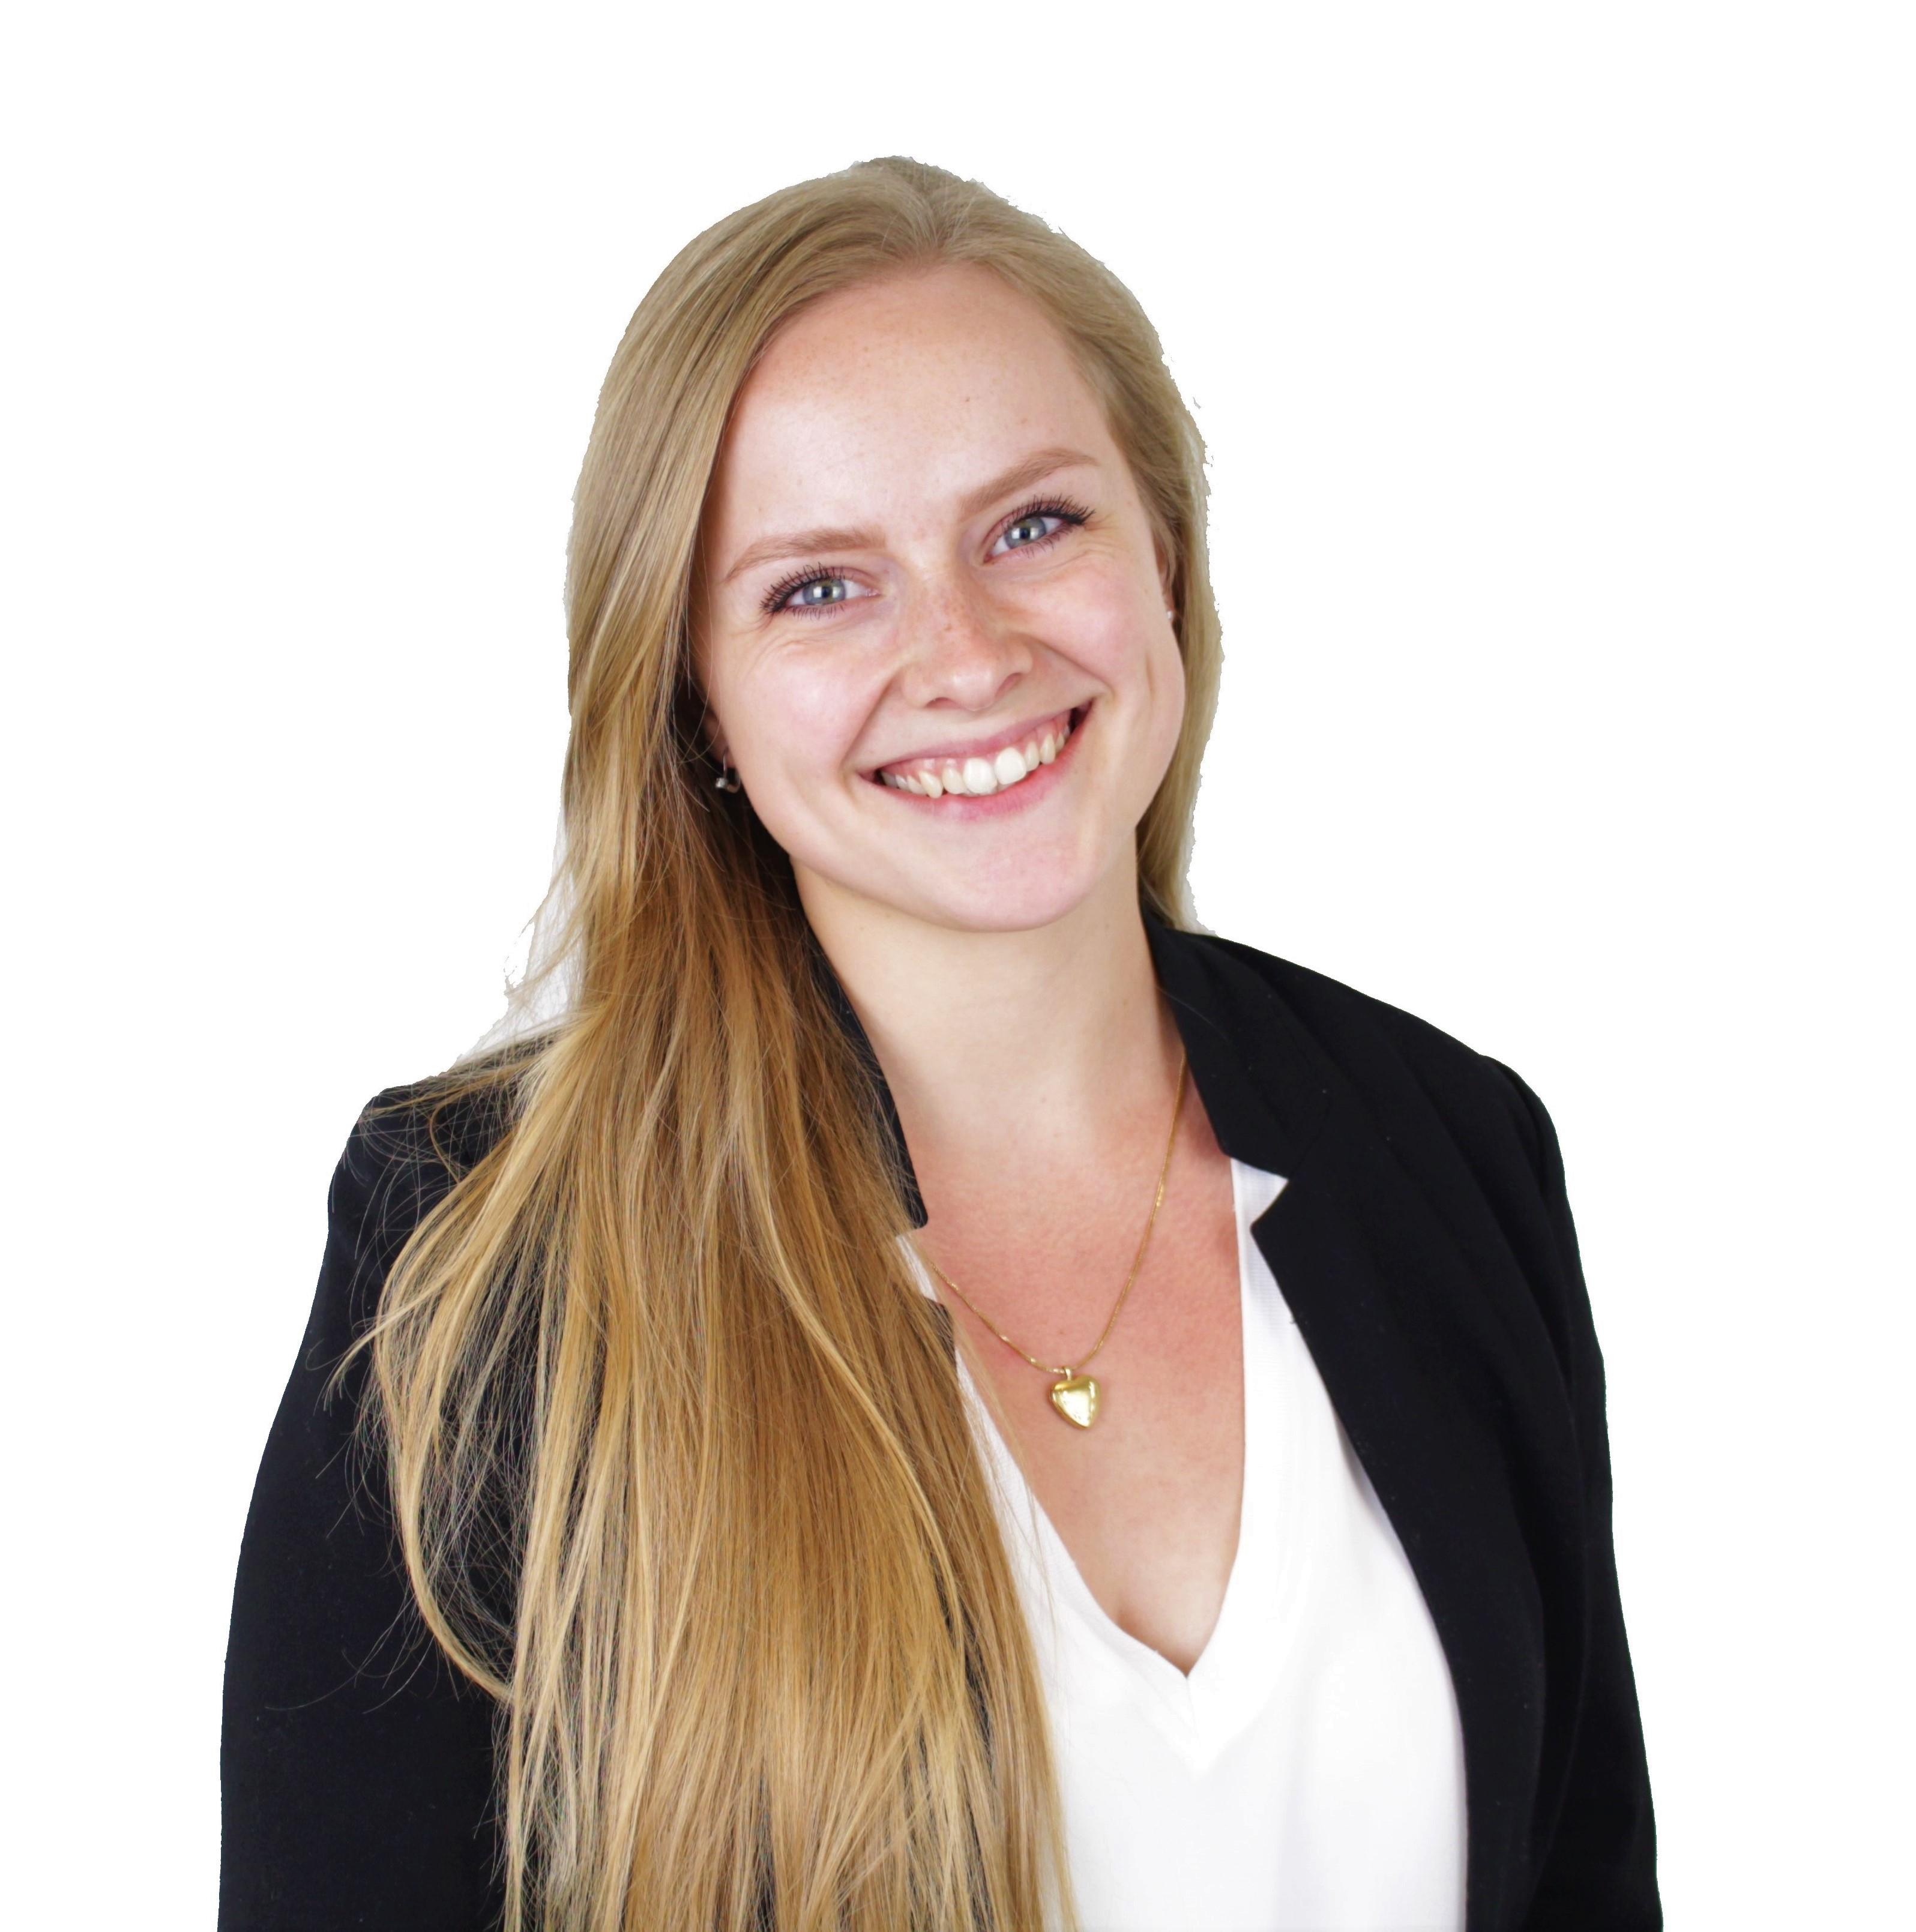 Mette Kamper Ahlgreen